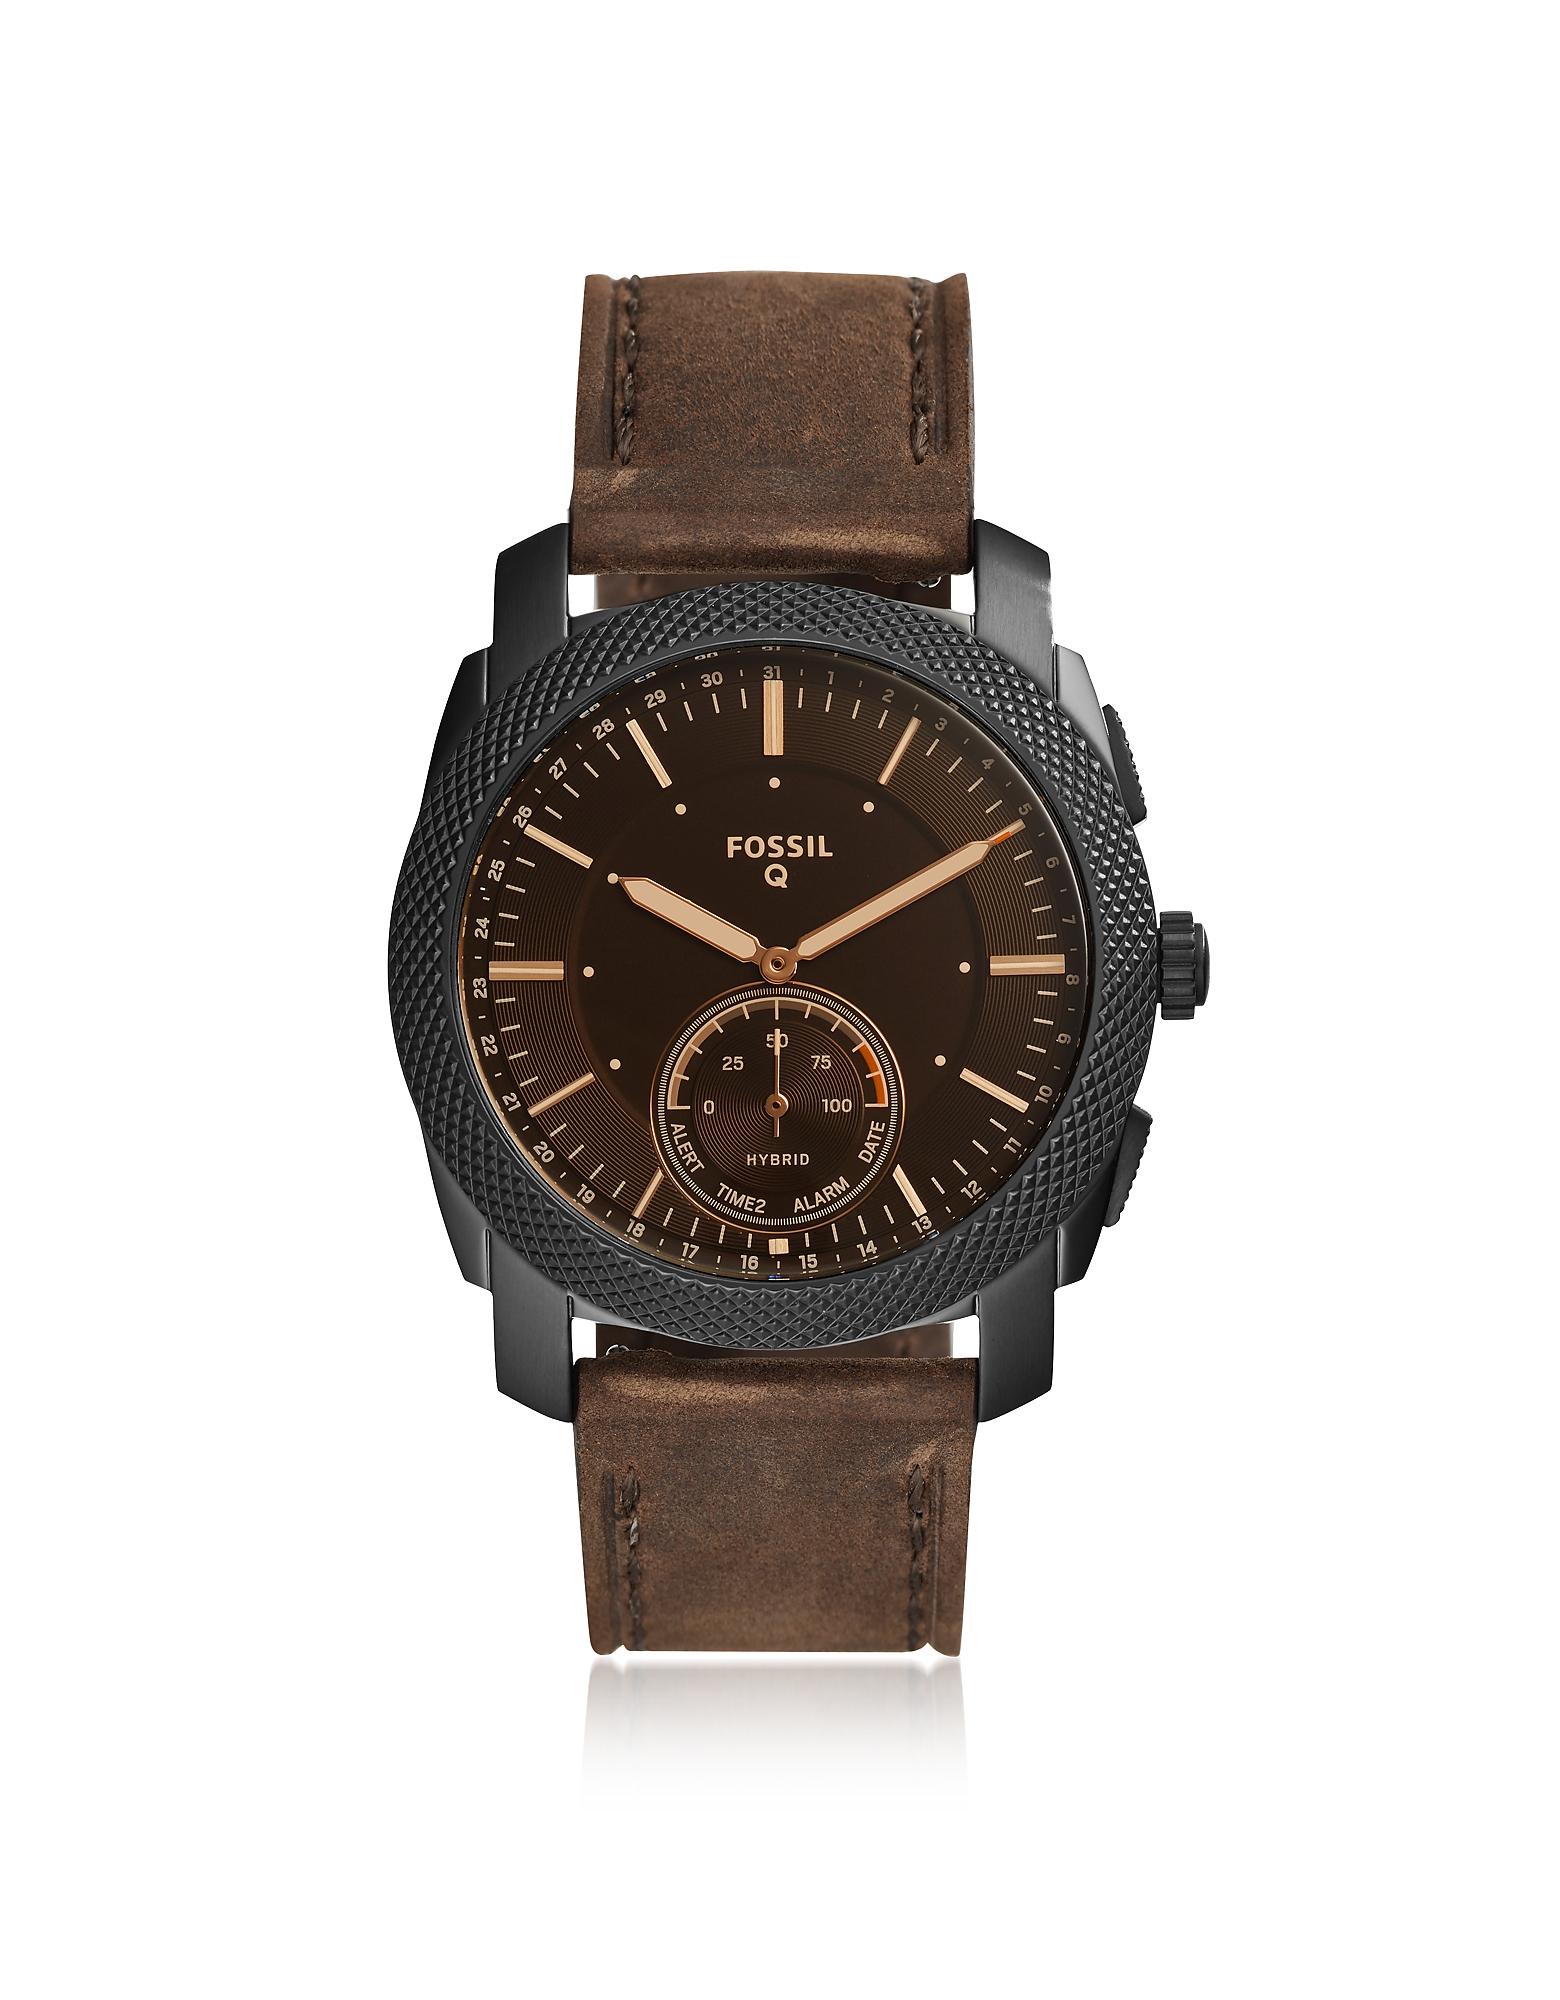 Fossil Men's Watches, Q Machine Dark Brown Leather Men's Hybrid Smartwatch